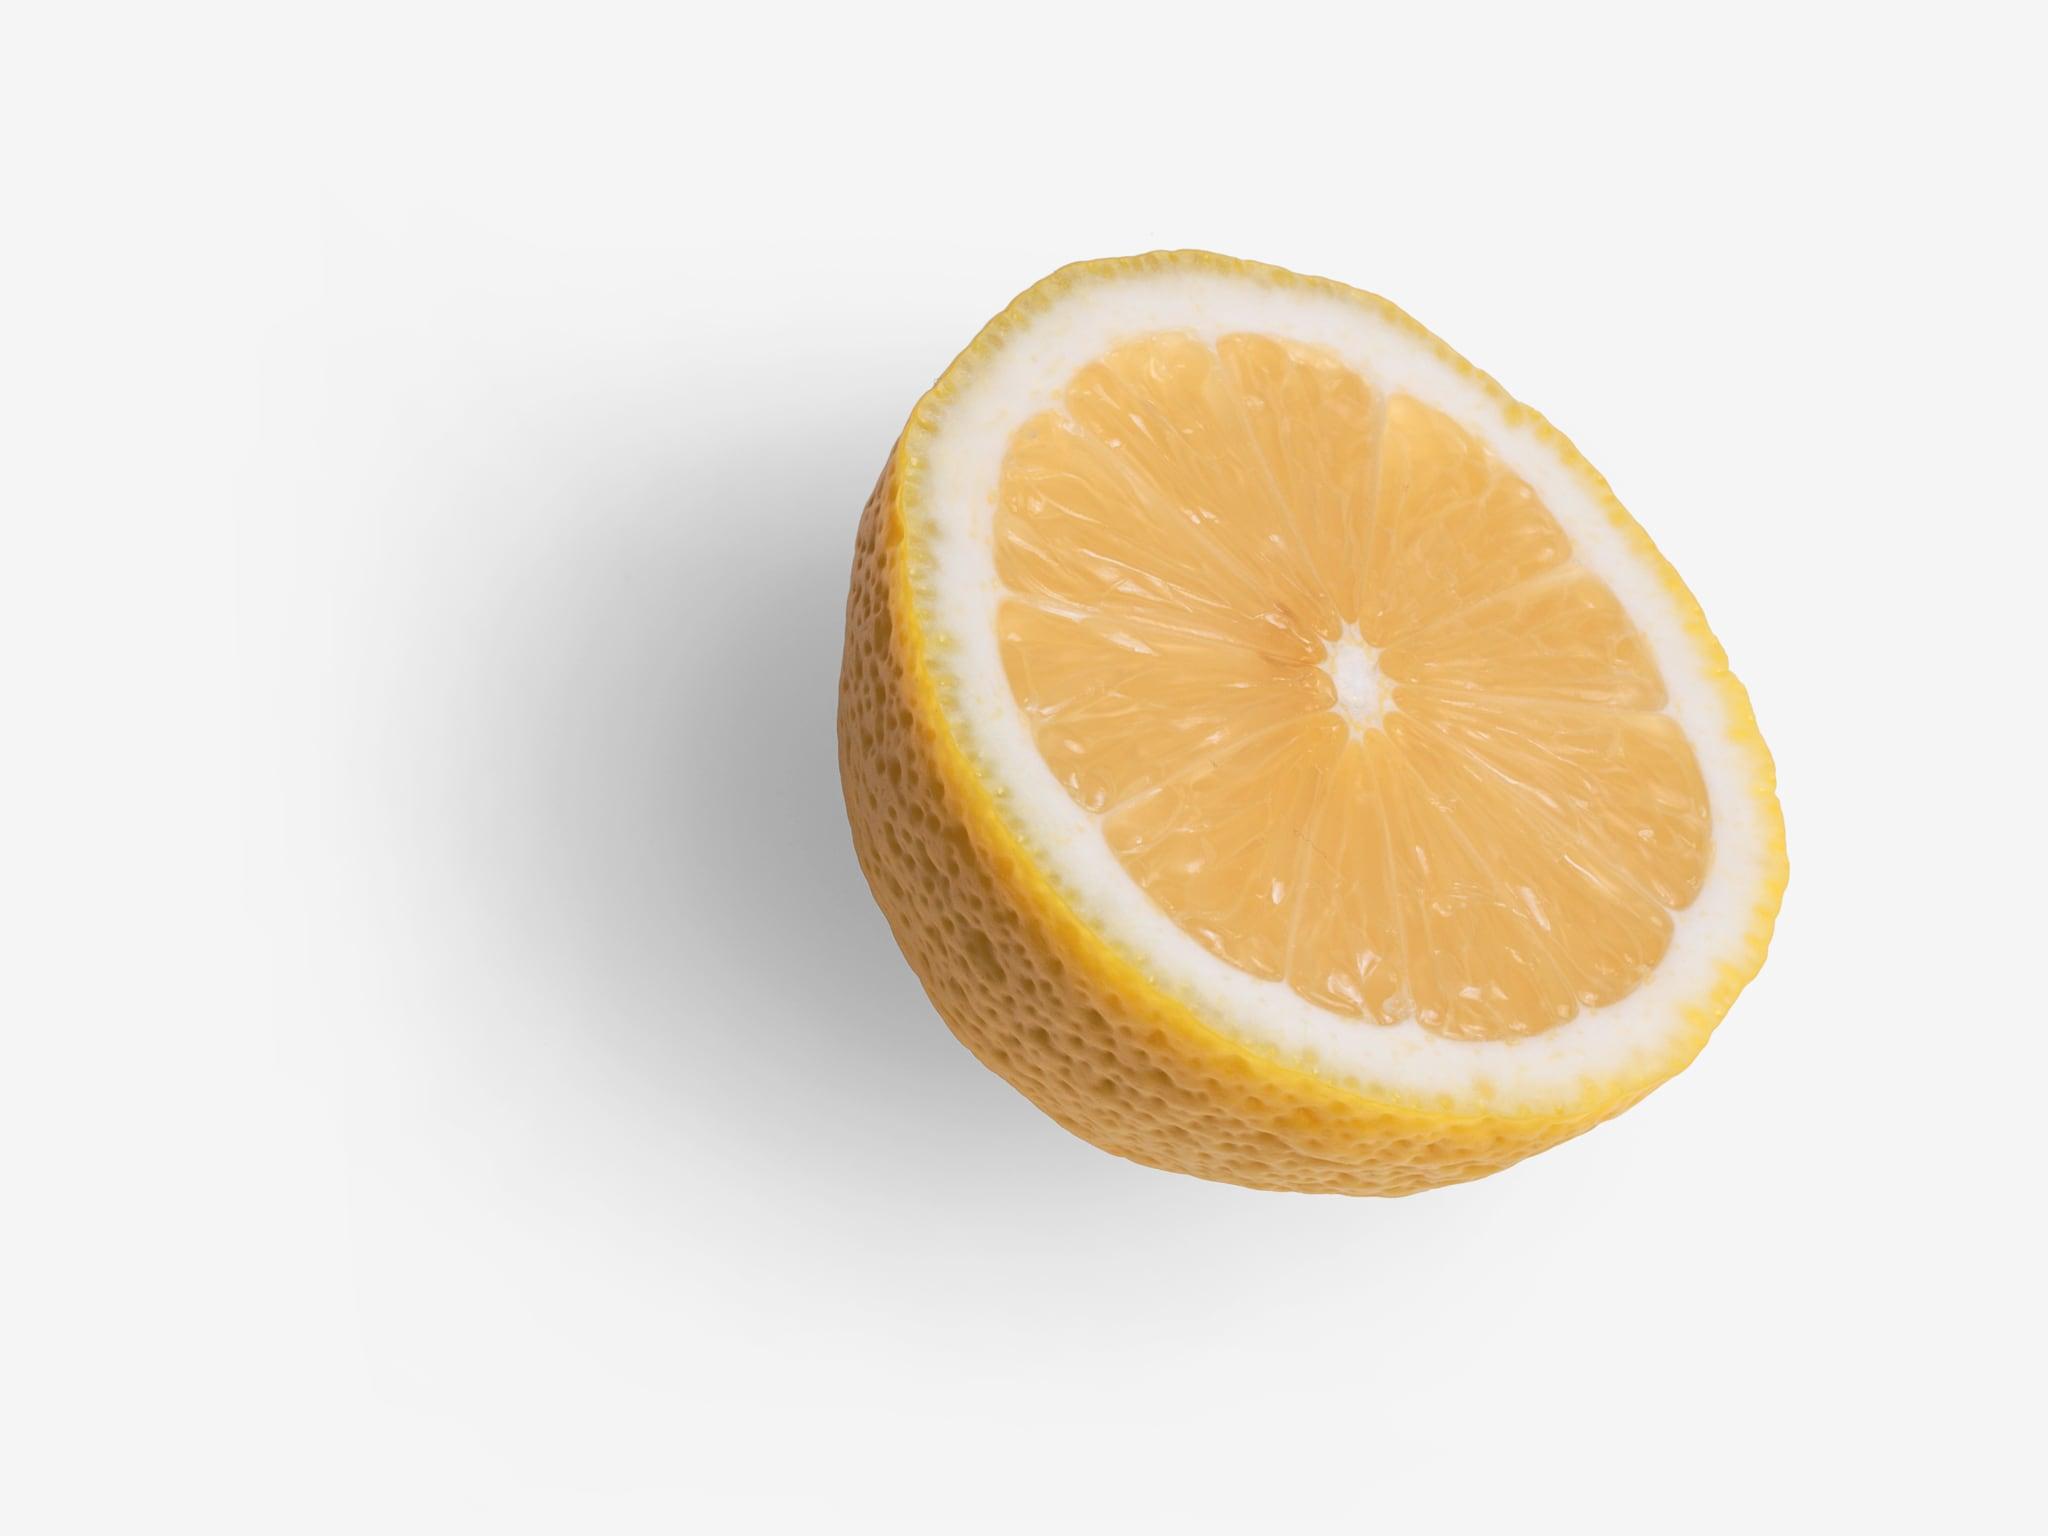 Lemon PSD isolated image